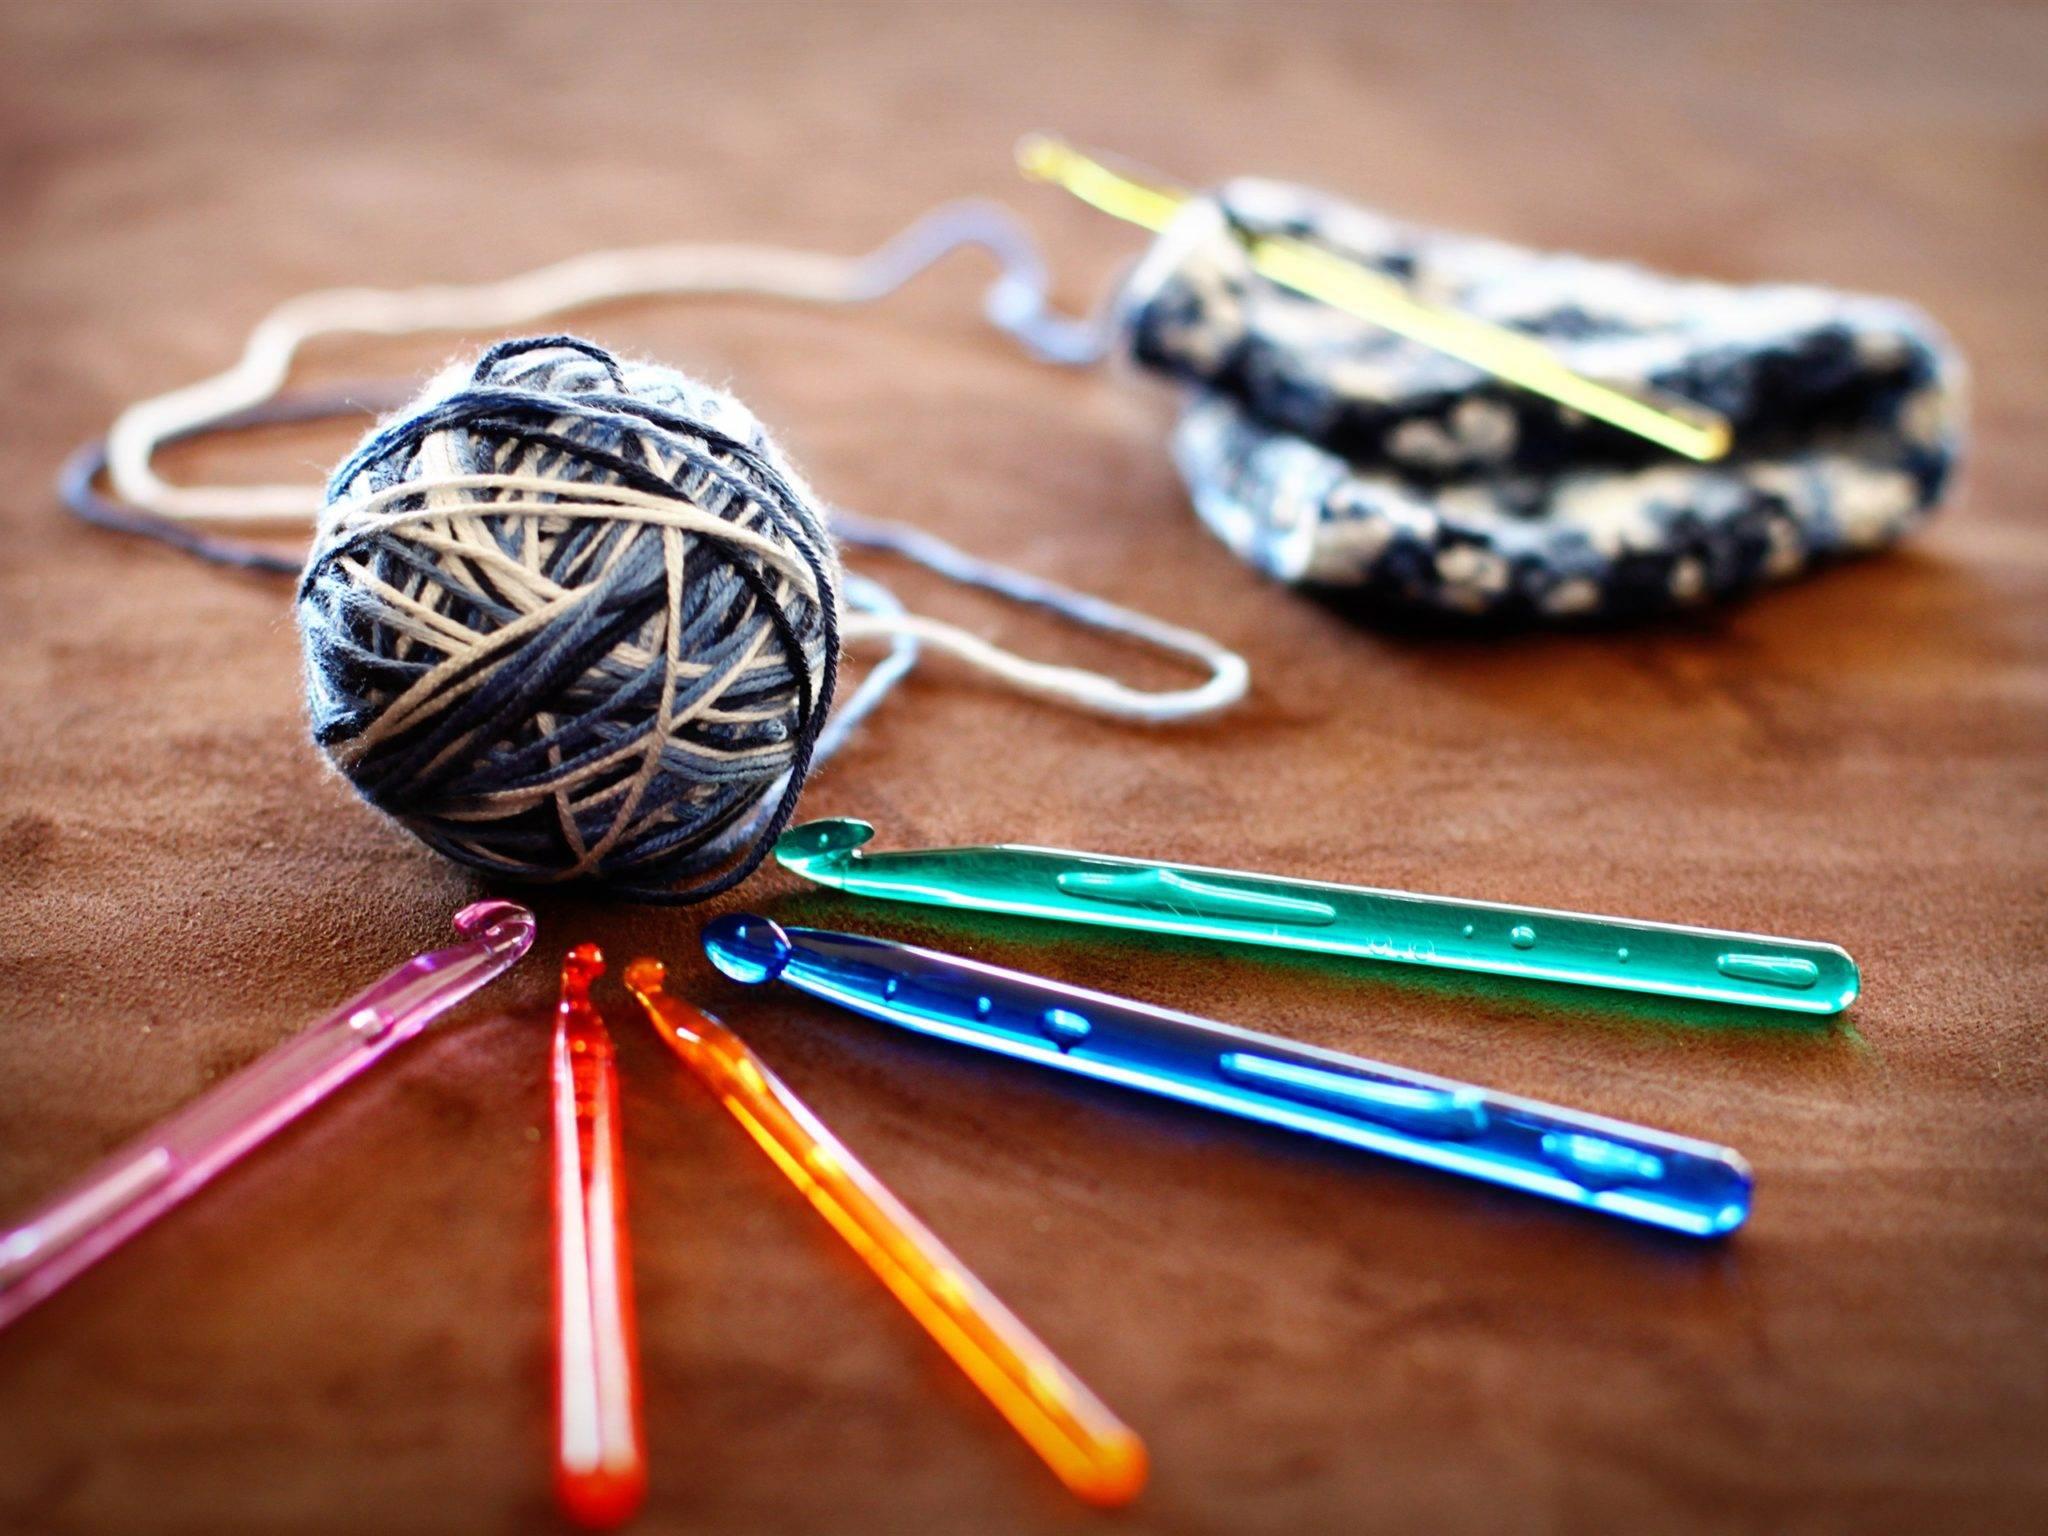 Ёлочные игрушки своими руками - 10 лучших способов